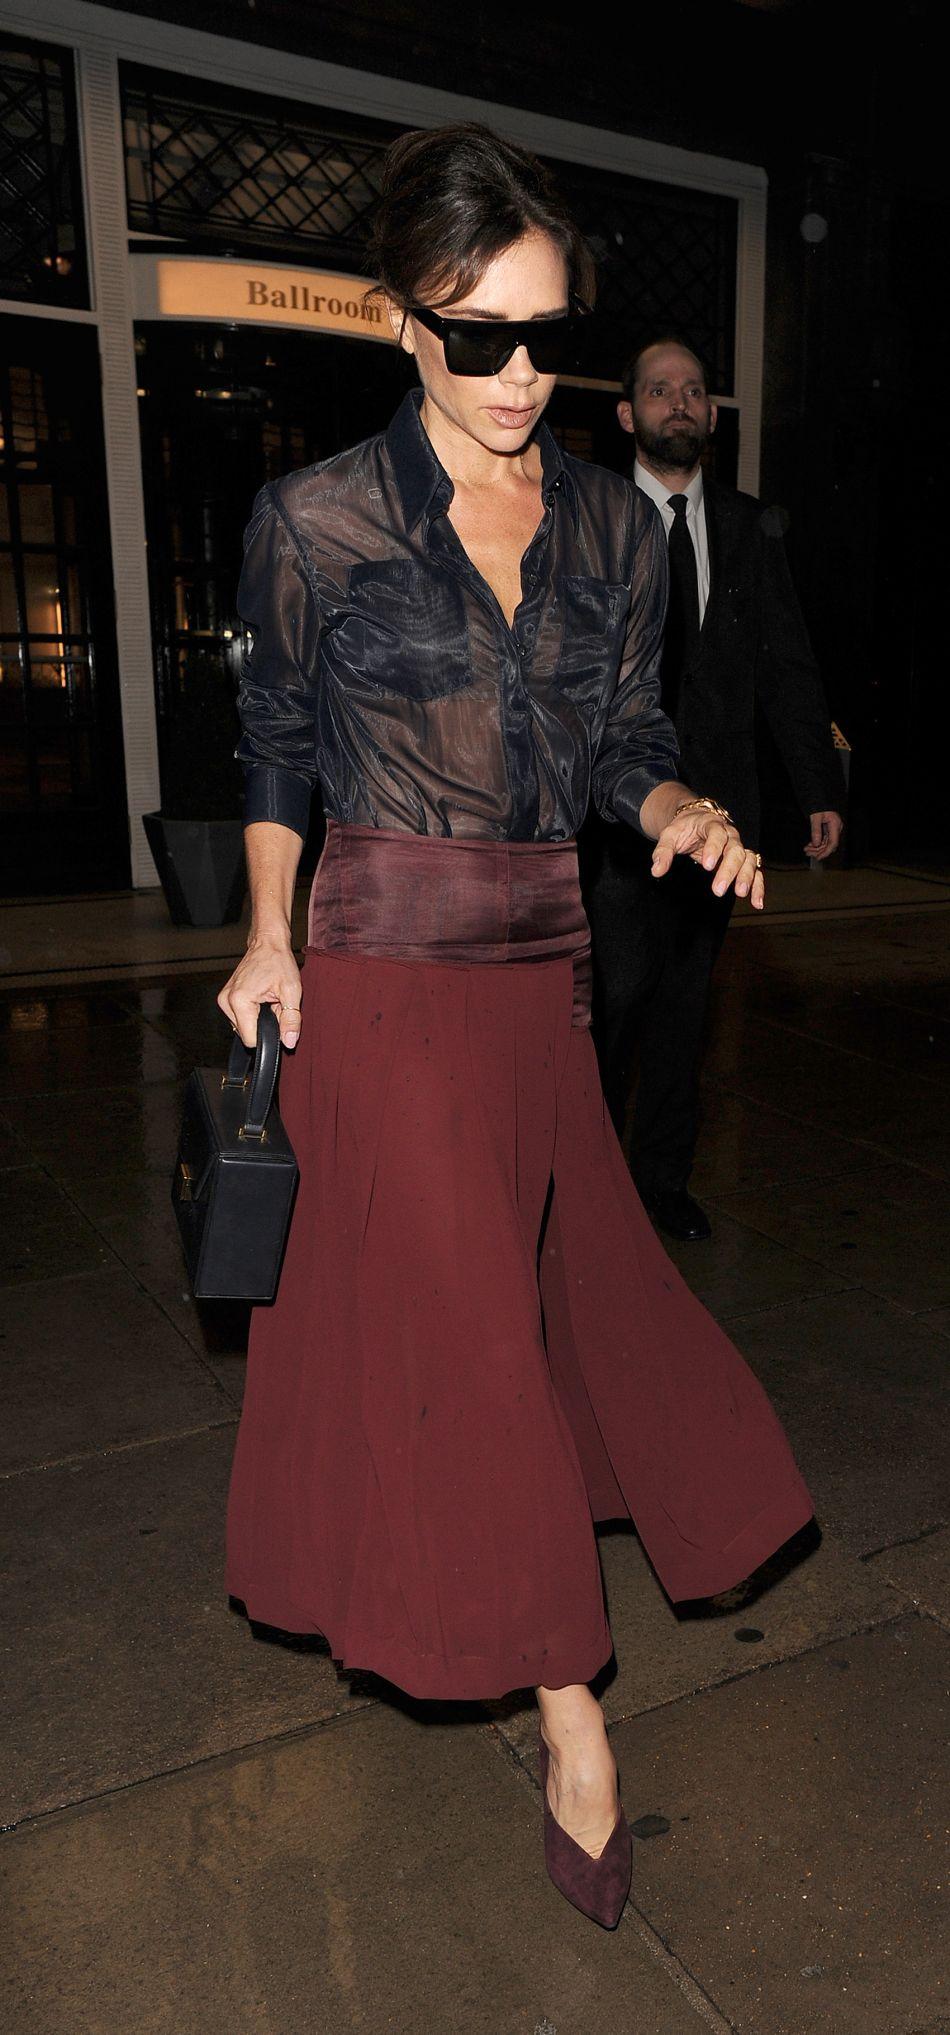 Victoria Beckham affiche sa silhouette tonique dans une tenue aussi sexy qu'élégante.